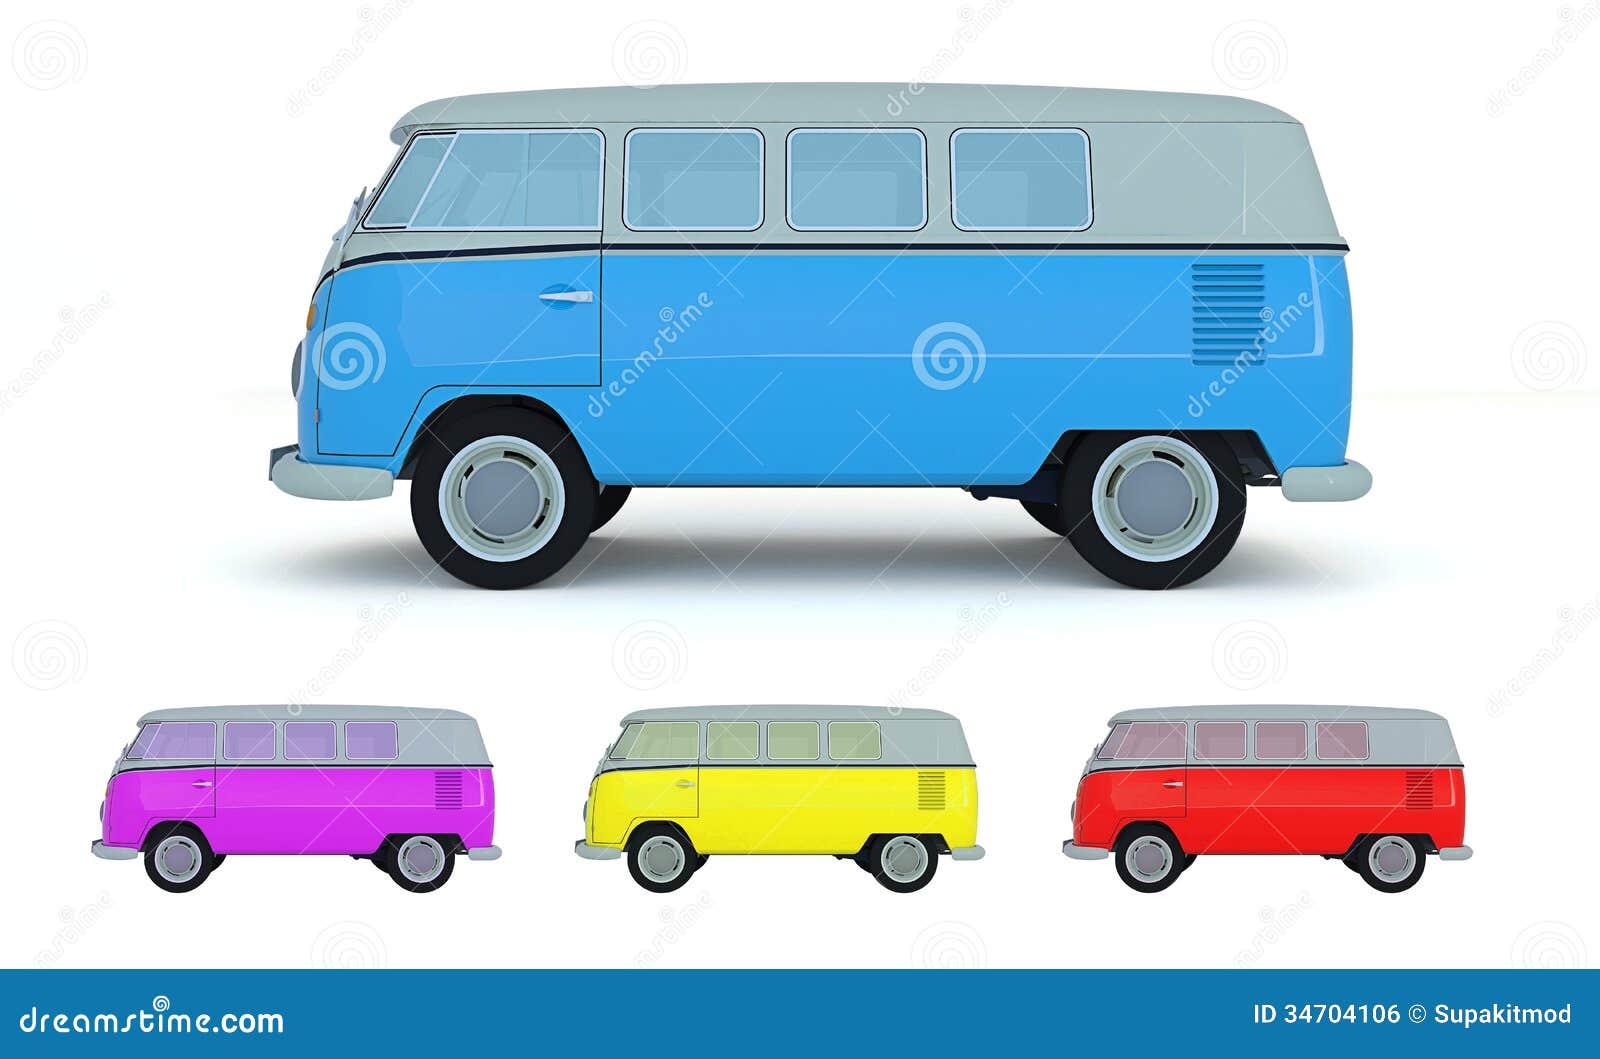 vehicule van occasion